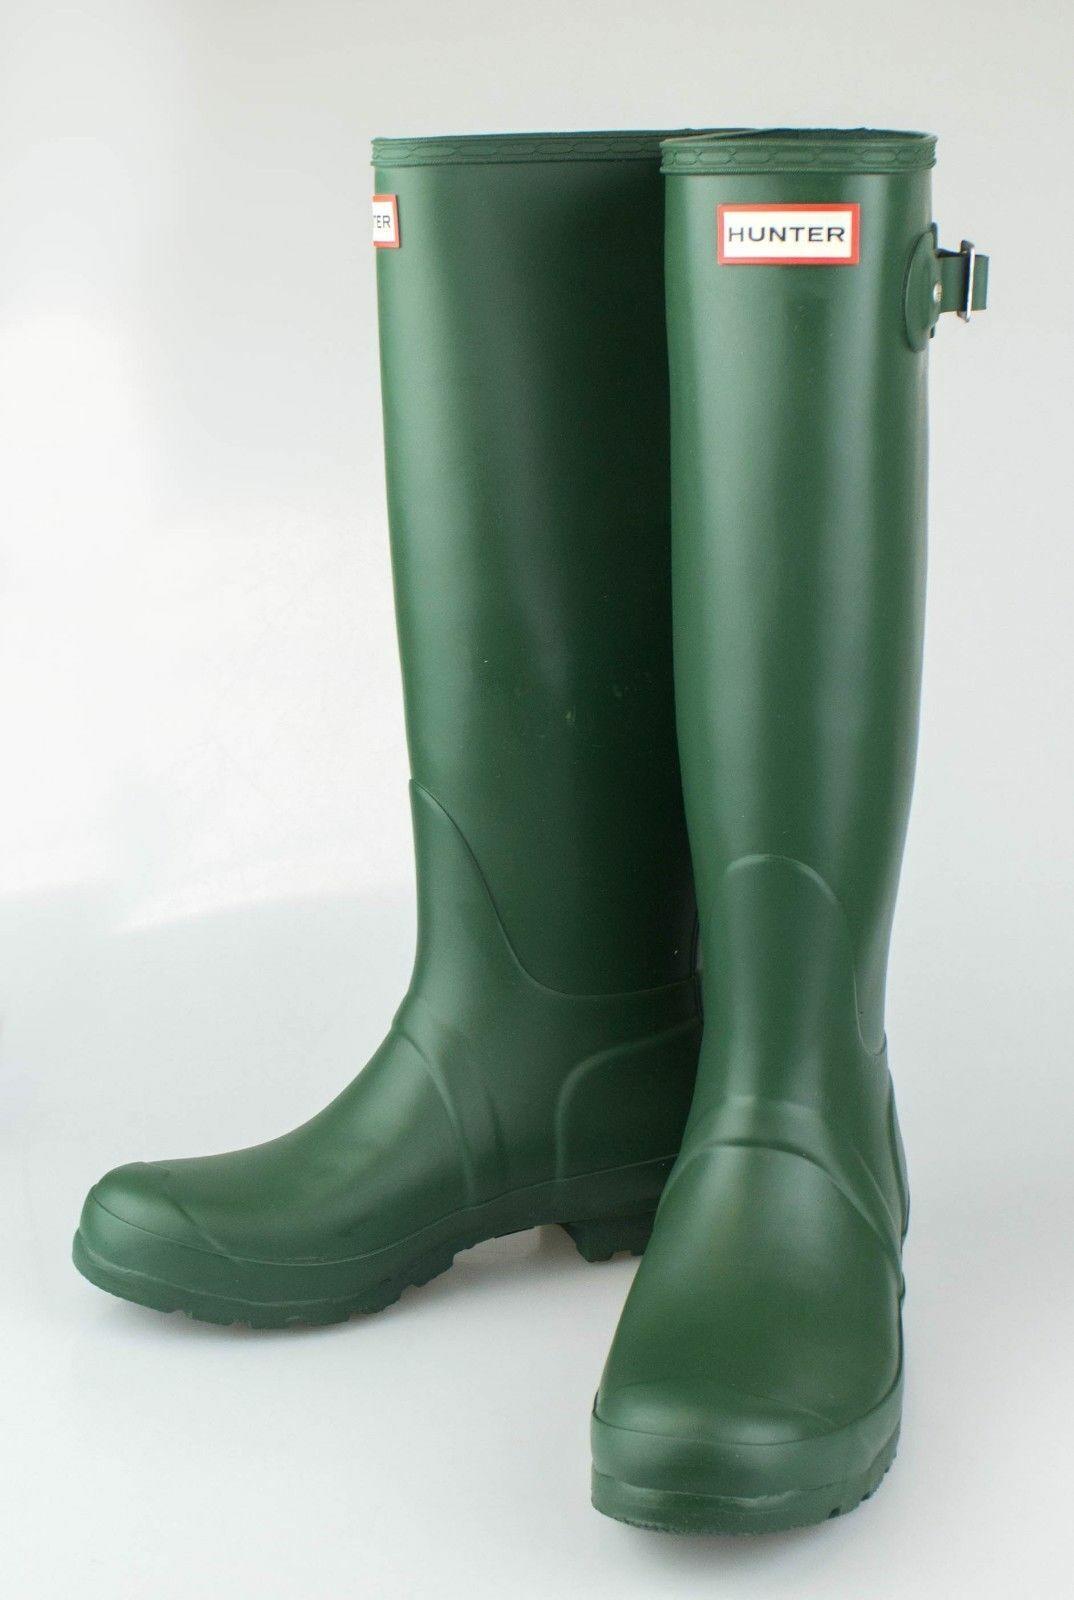 Nuevo en caja verde Oscuro Original Tall botas de Lluvia Zapatos Talla EE. UU. 6 Reino Unido 4